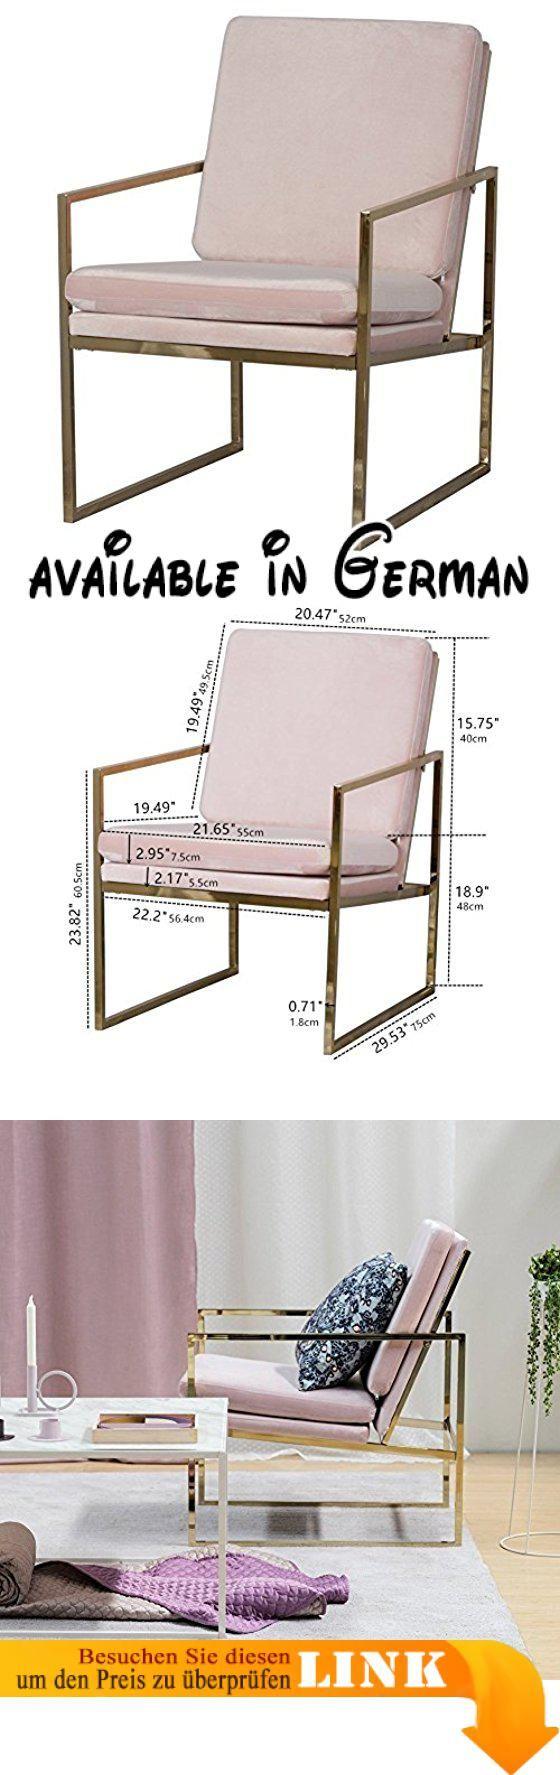 Fantastisch Unthinkable Sessel Taupe Fotos - Schönes Wohnungideen ...